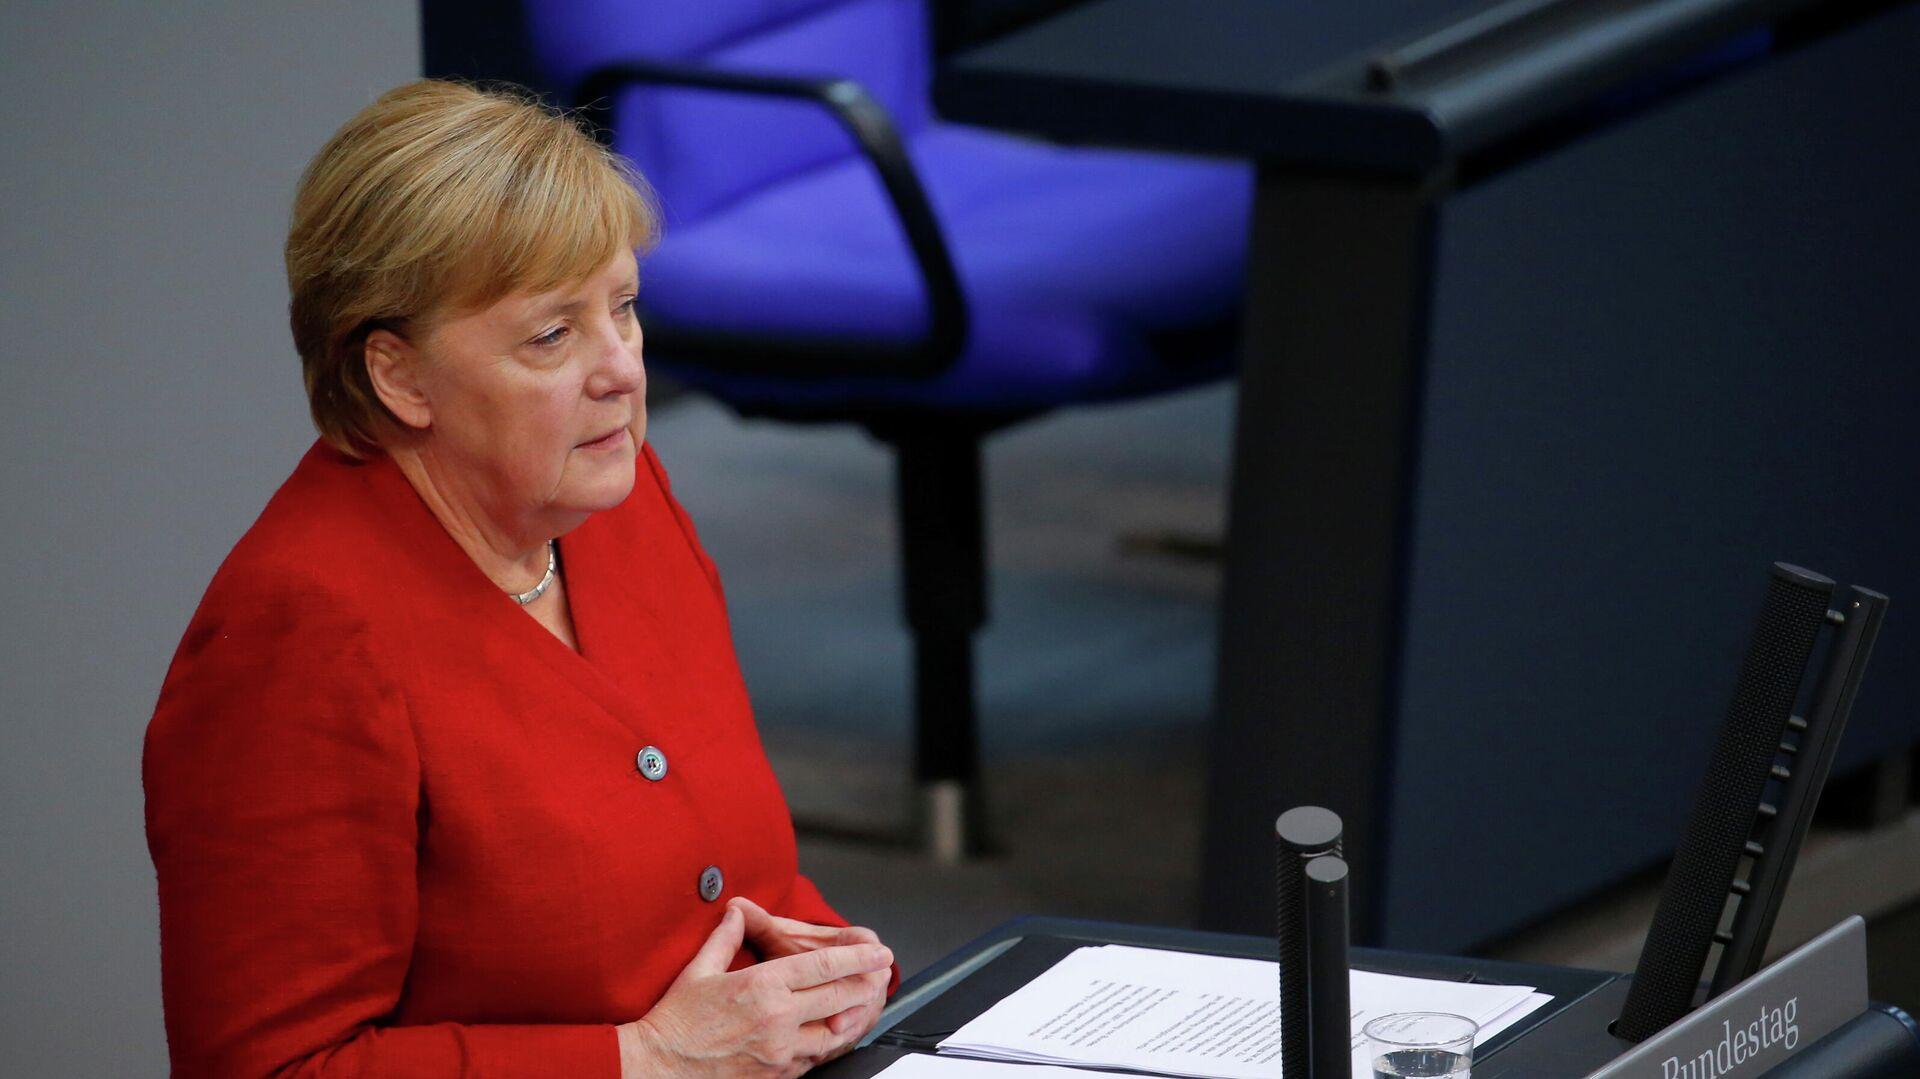 Bundeskanzlerin Merkel spricht vor Bundestag  - SNA, 1920, 05.09.2021